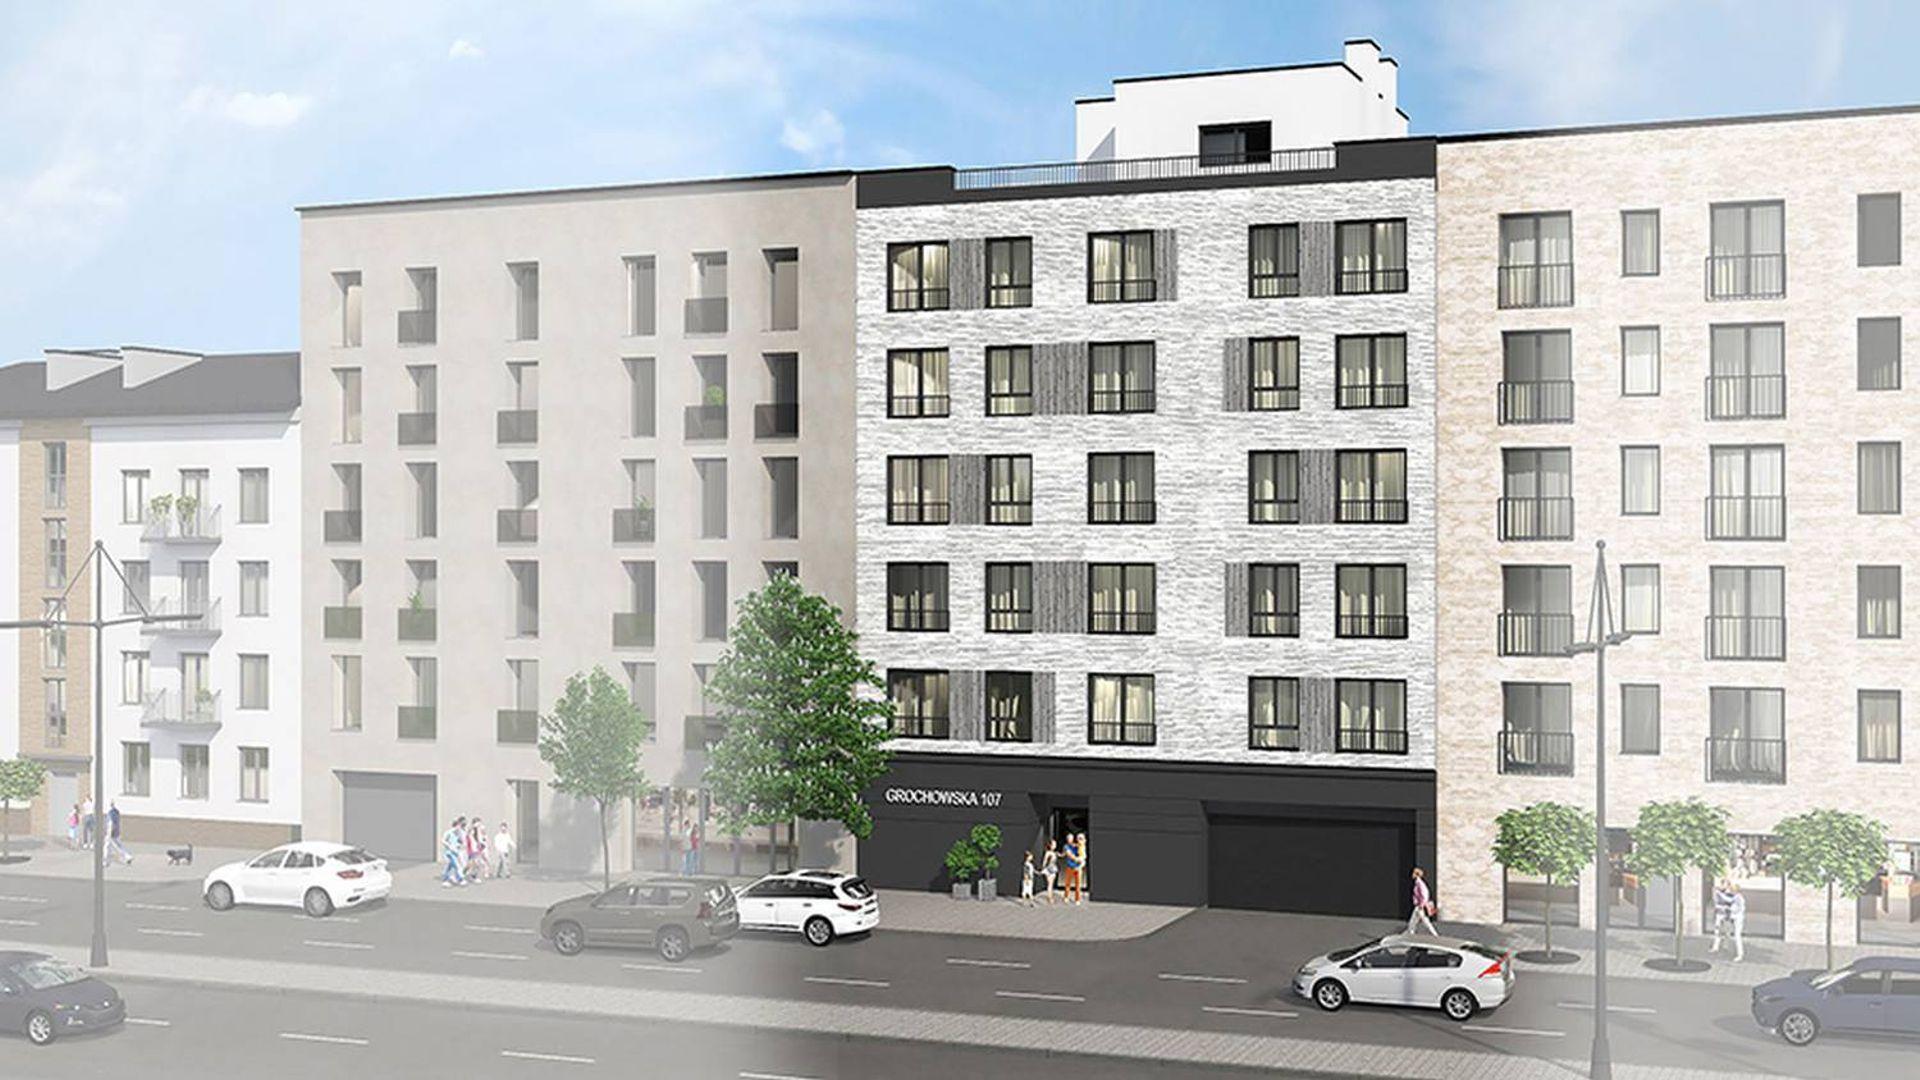 Warszawa: Grochowska 107 – CPM Development stawia na Gocławku kameralny apartamentowiec nastawiony na ekologię